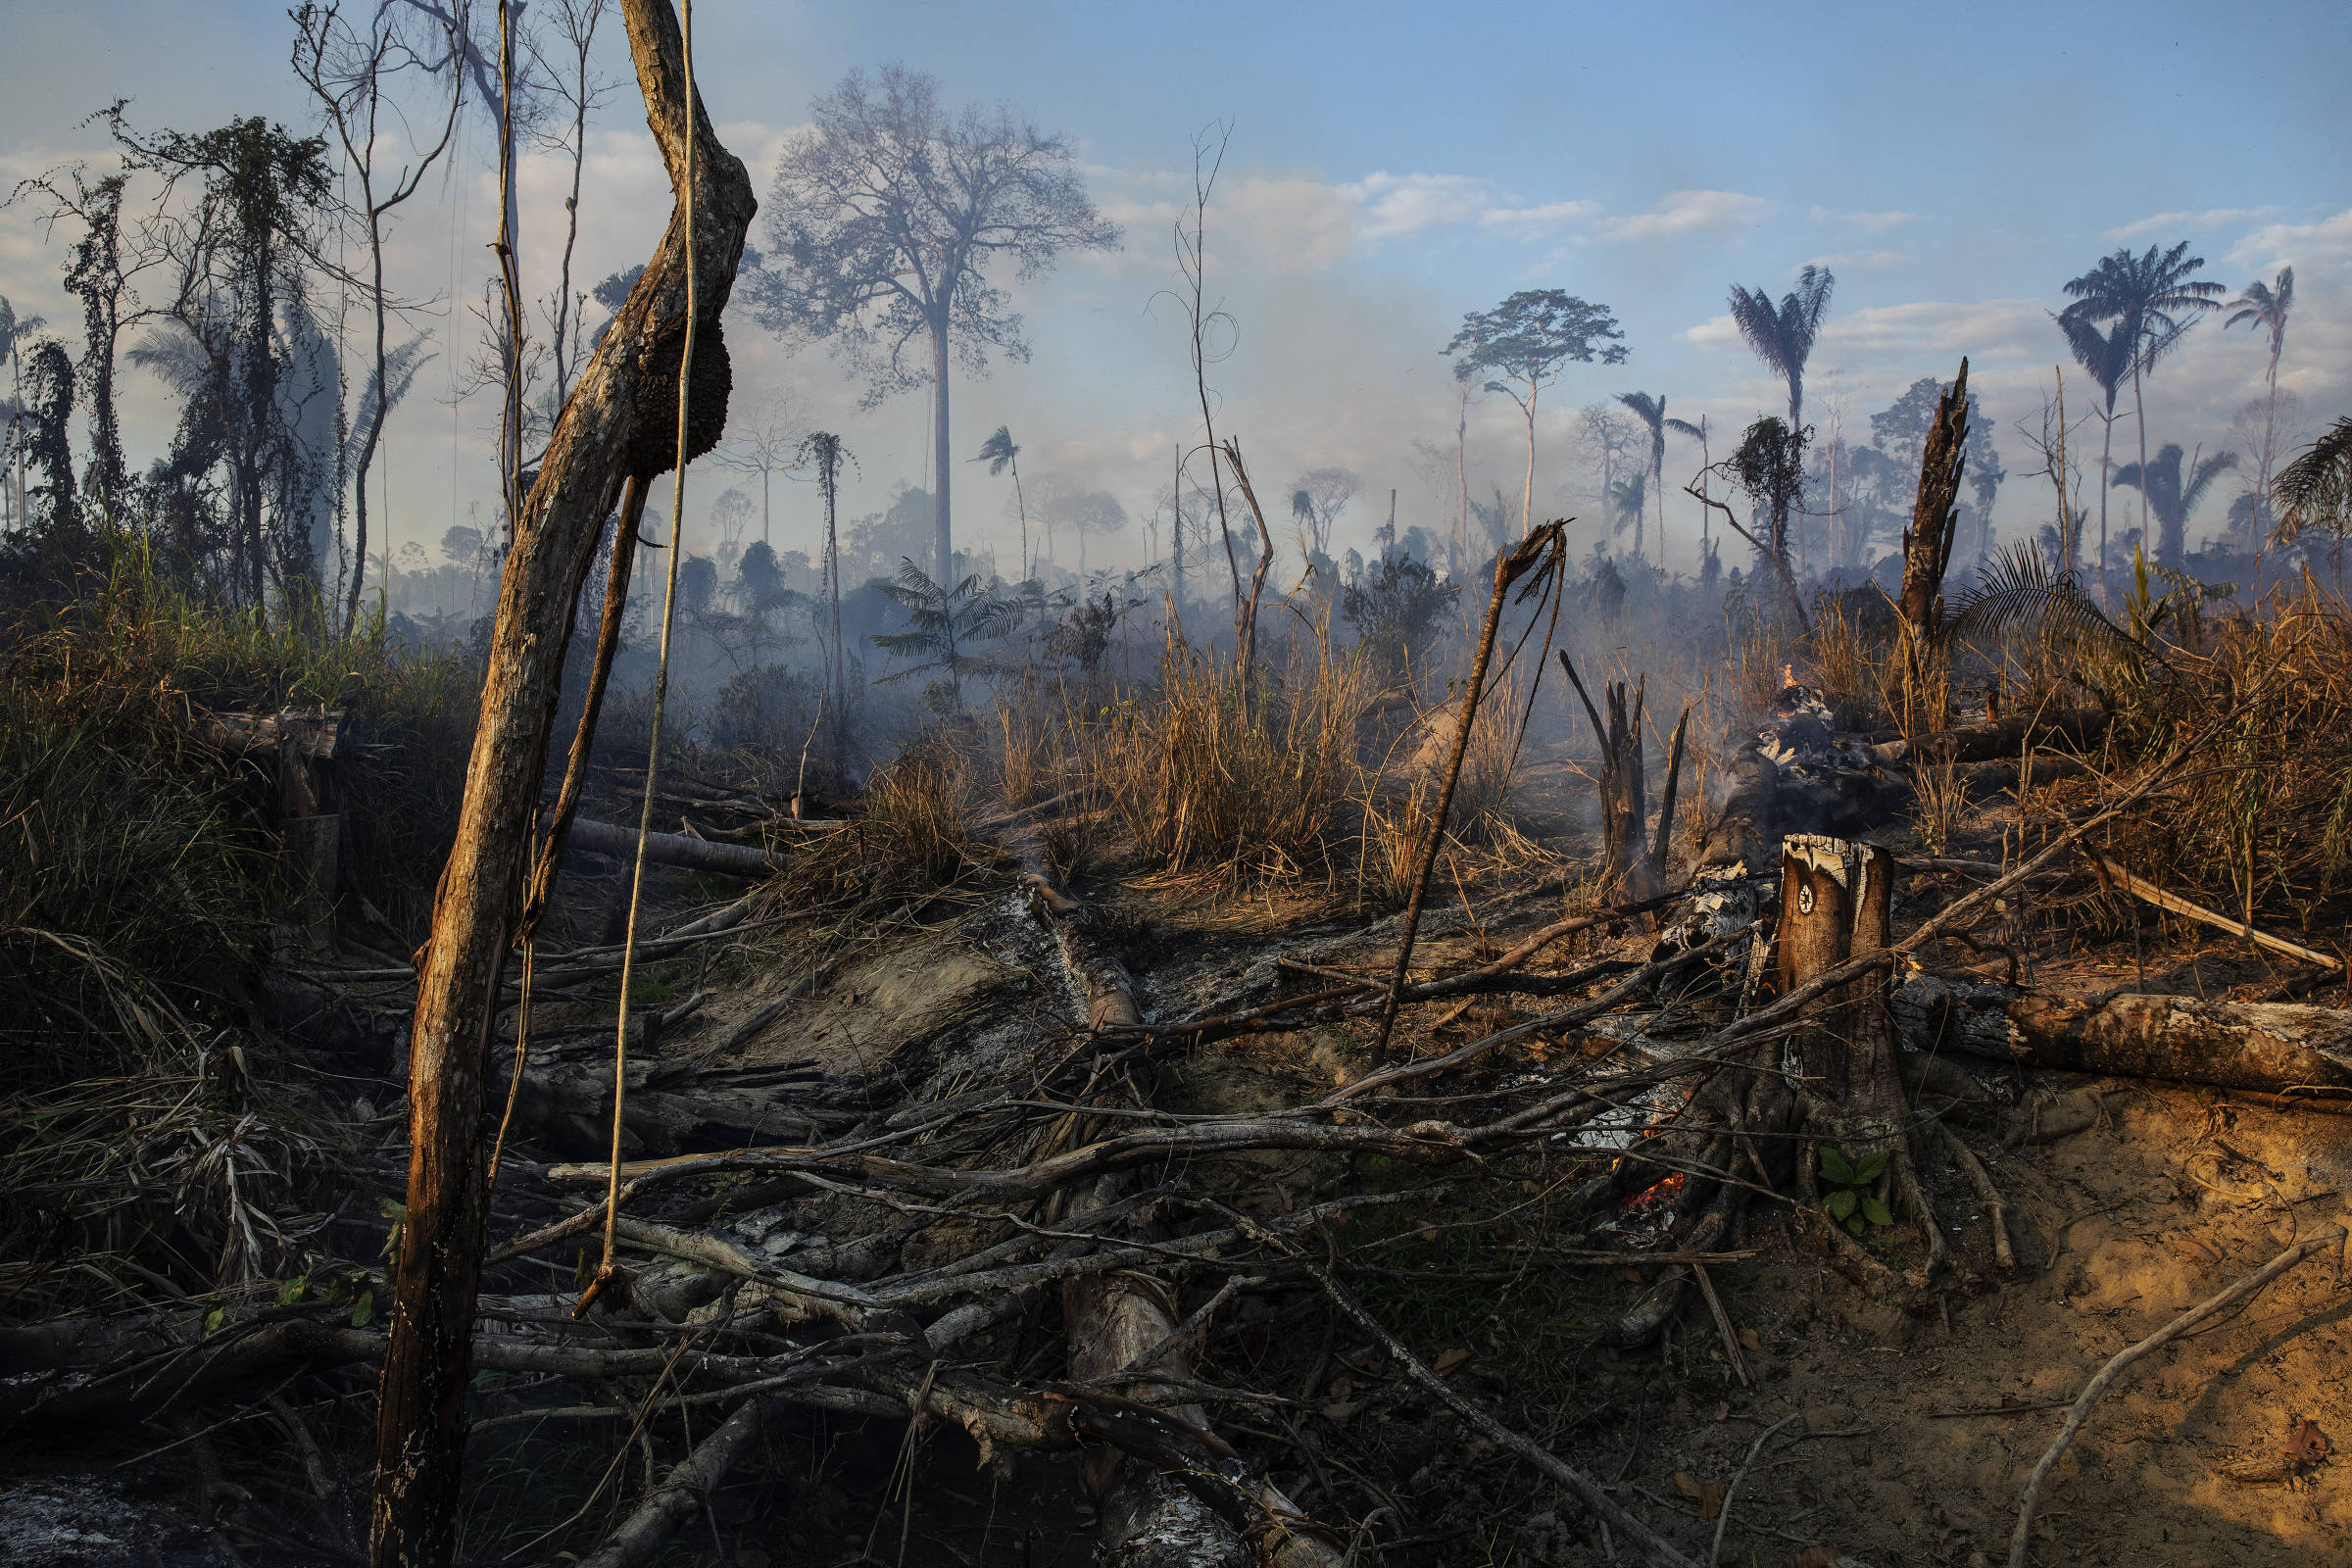 Árvores de floresta queimadas ainda produzindo fumaça